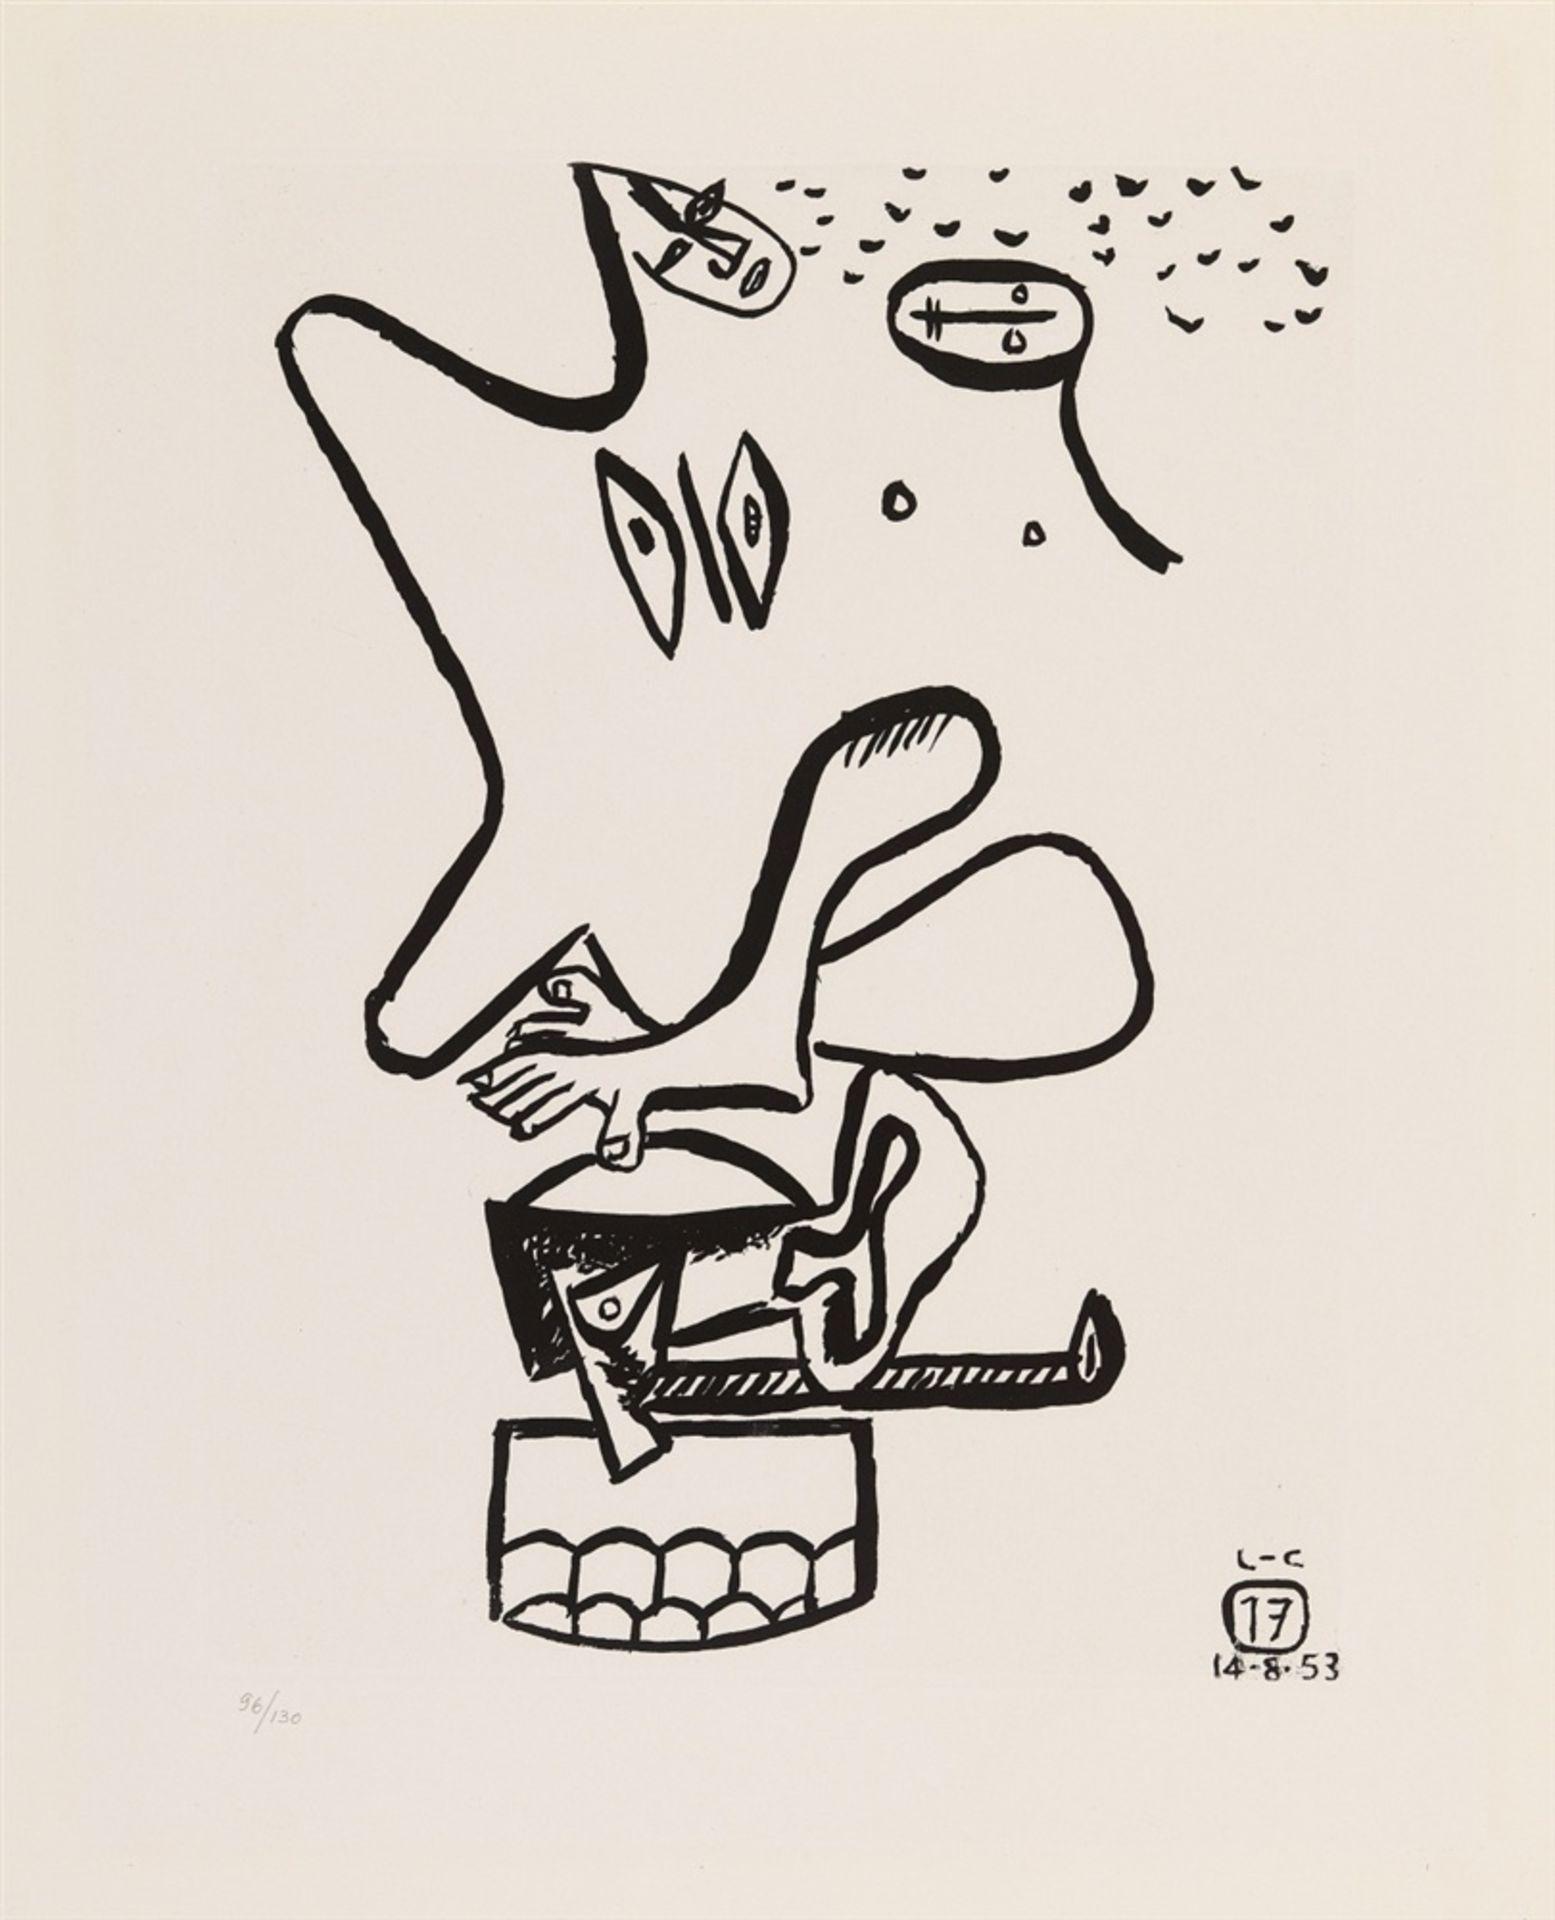 Le Corbusier (Charles-Édouard Jeanneret)Unité - Bild 7 aus 27